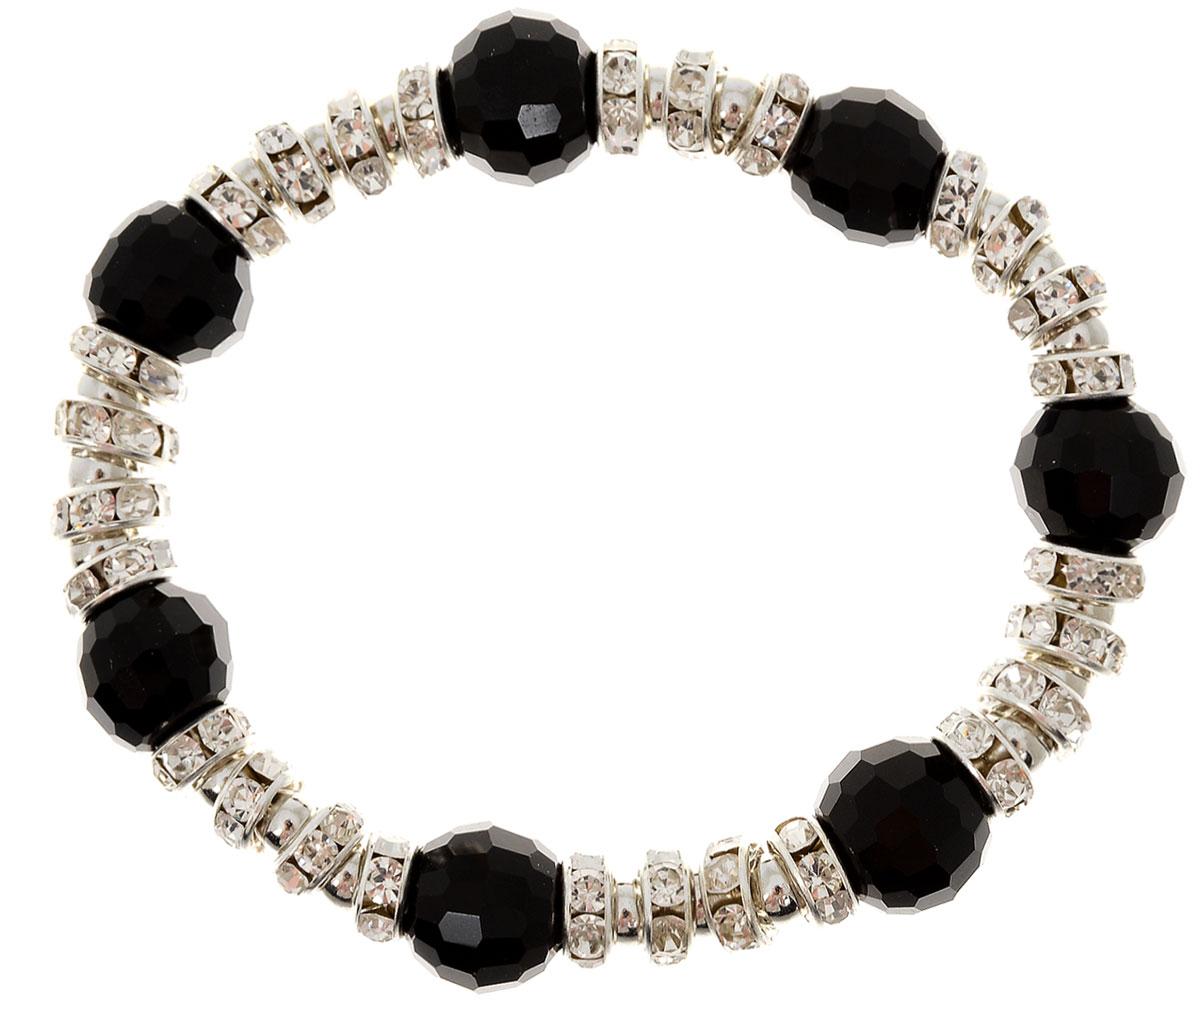 Браслет Taya, цвет: черный. T-B-11920-BRAC-BLACKT-B-11920-BRAC-BLACKУдобный универсальный браслет на резинке. Можно носить его как дополнение к часам или к другим браслетам TAYA.